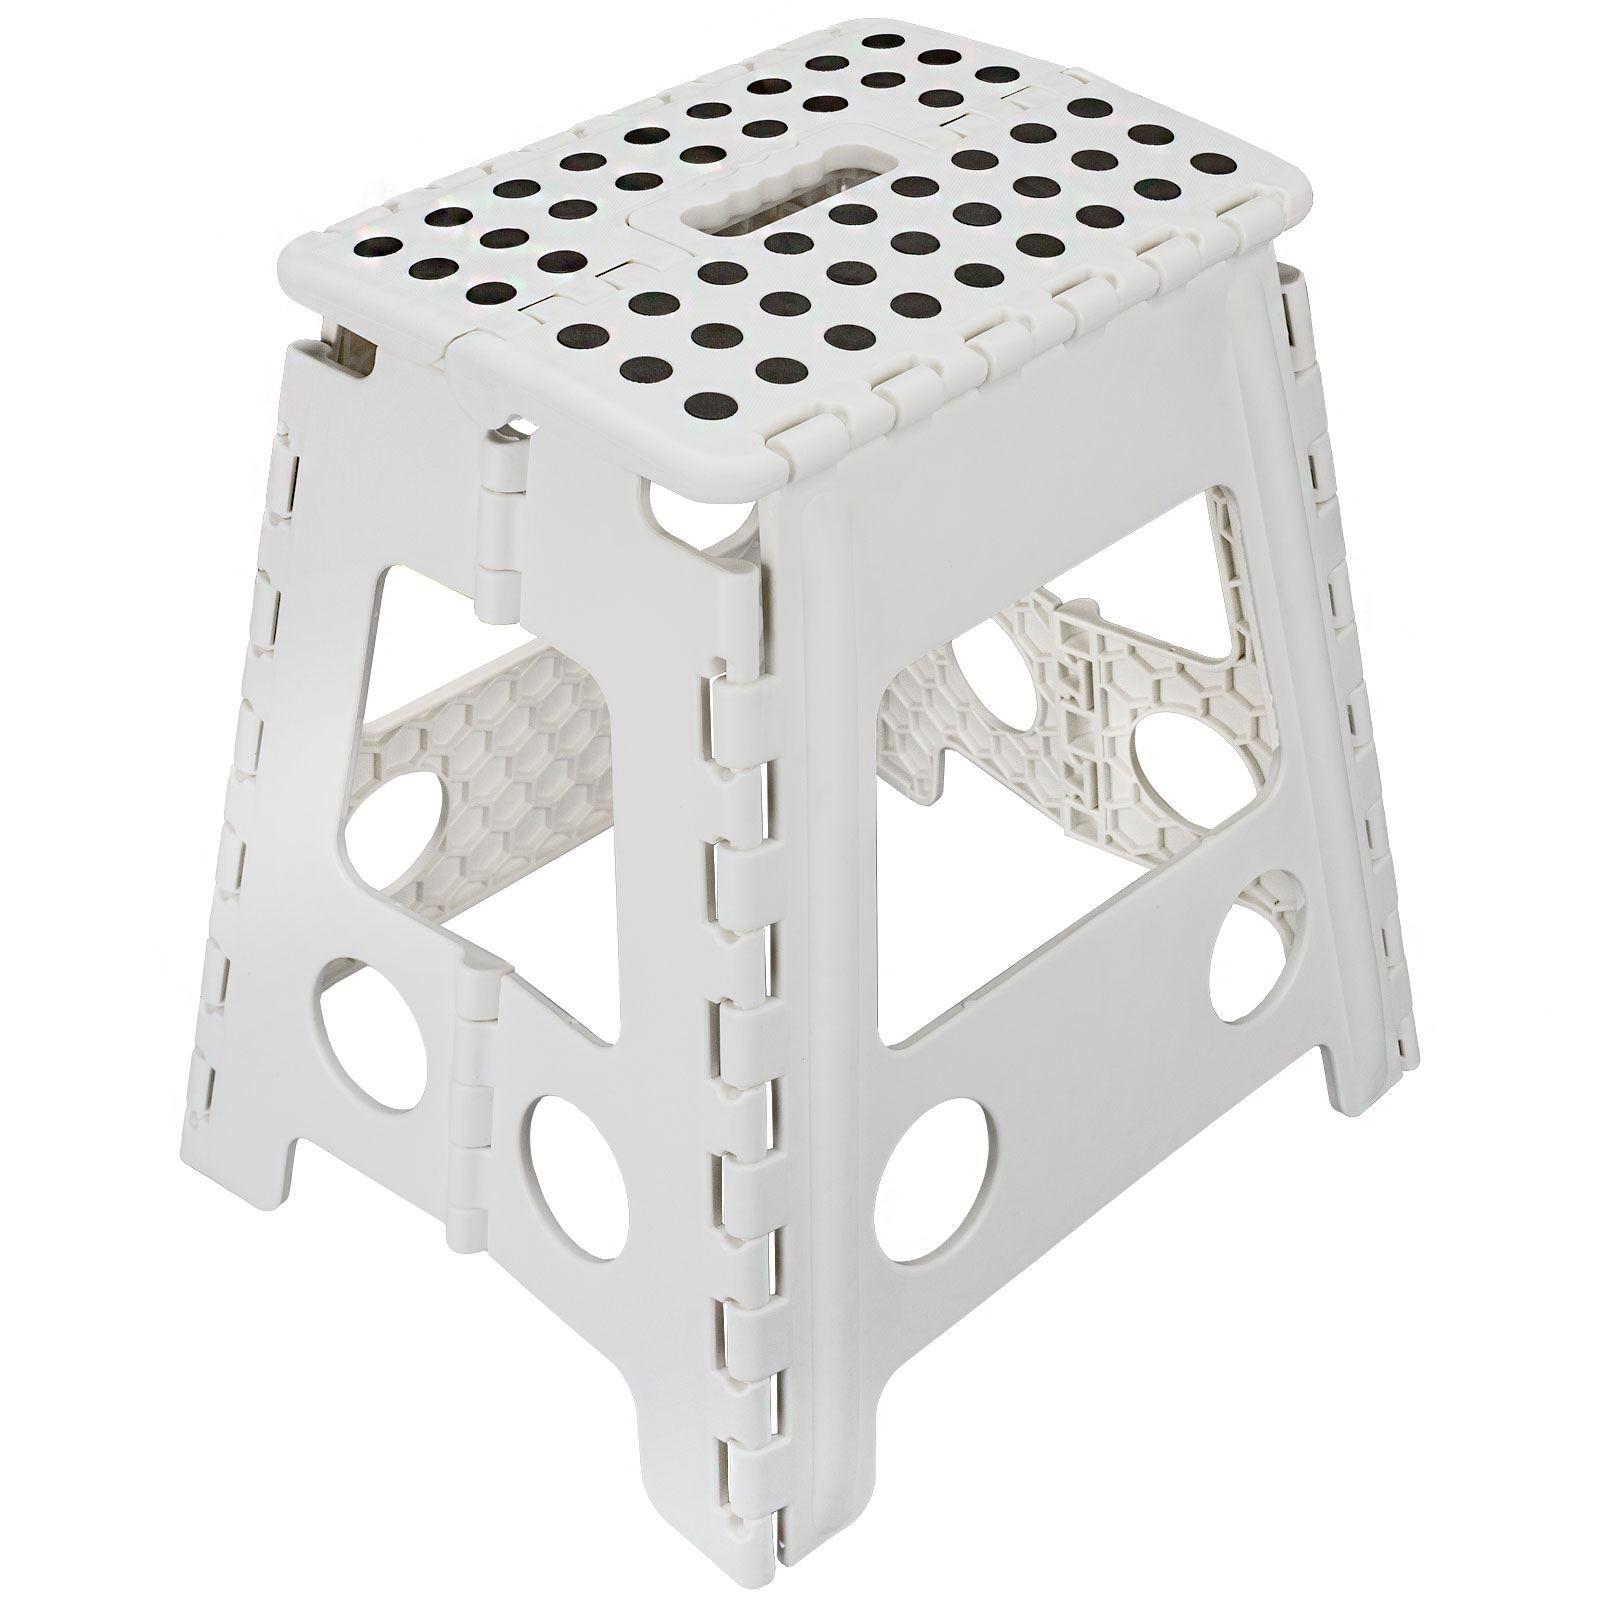 Large Folding Plastic Multi Purpose Stool Foot Step Ladder